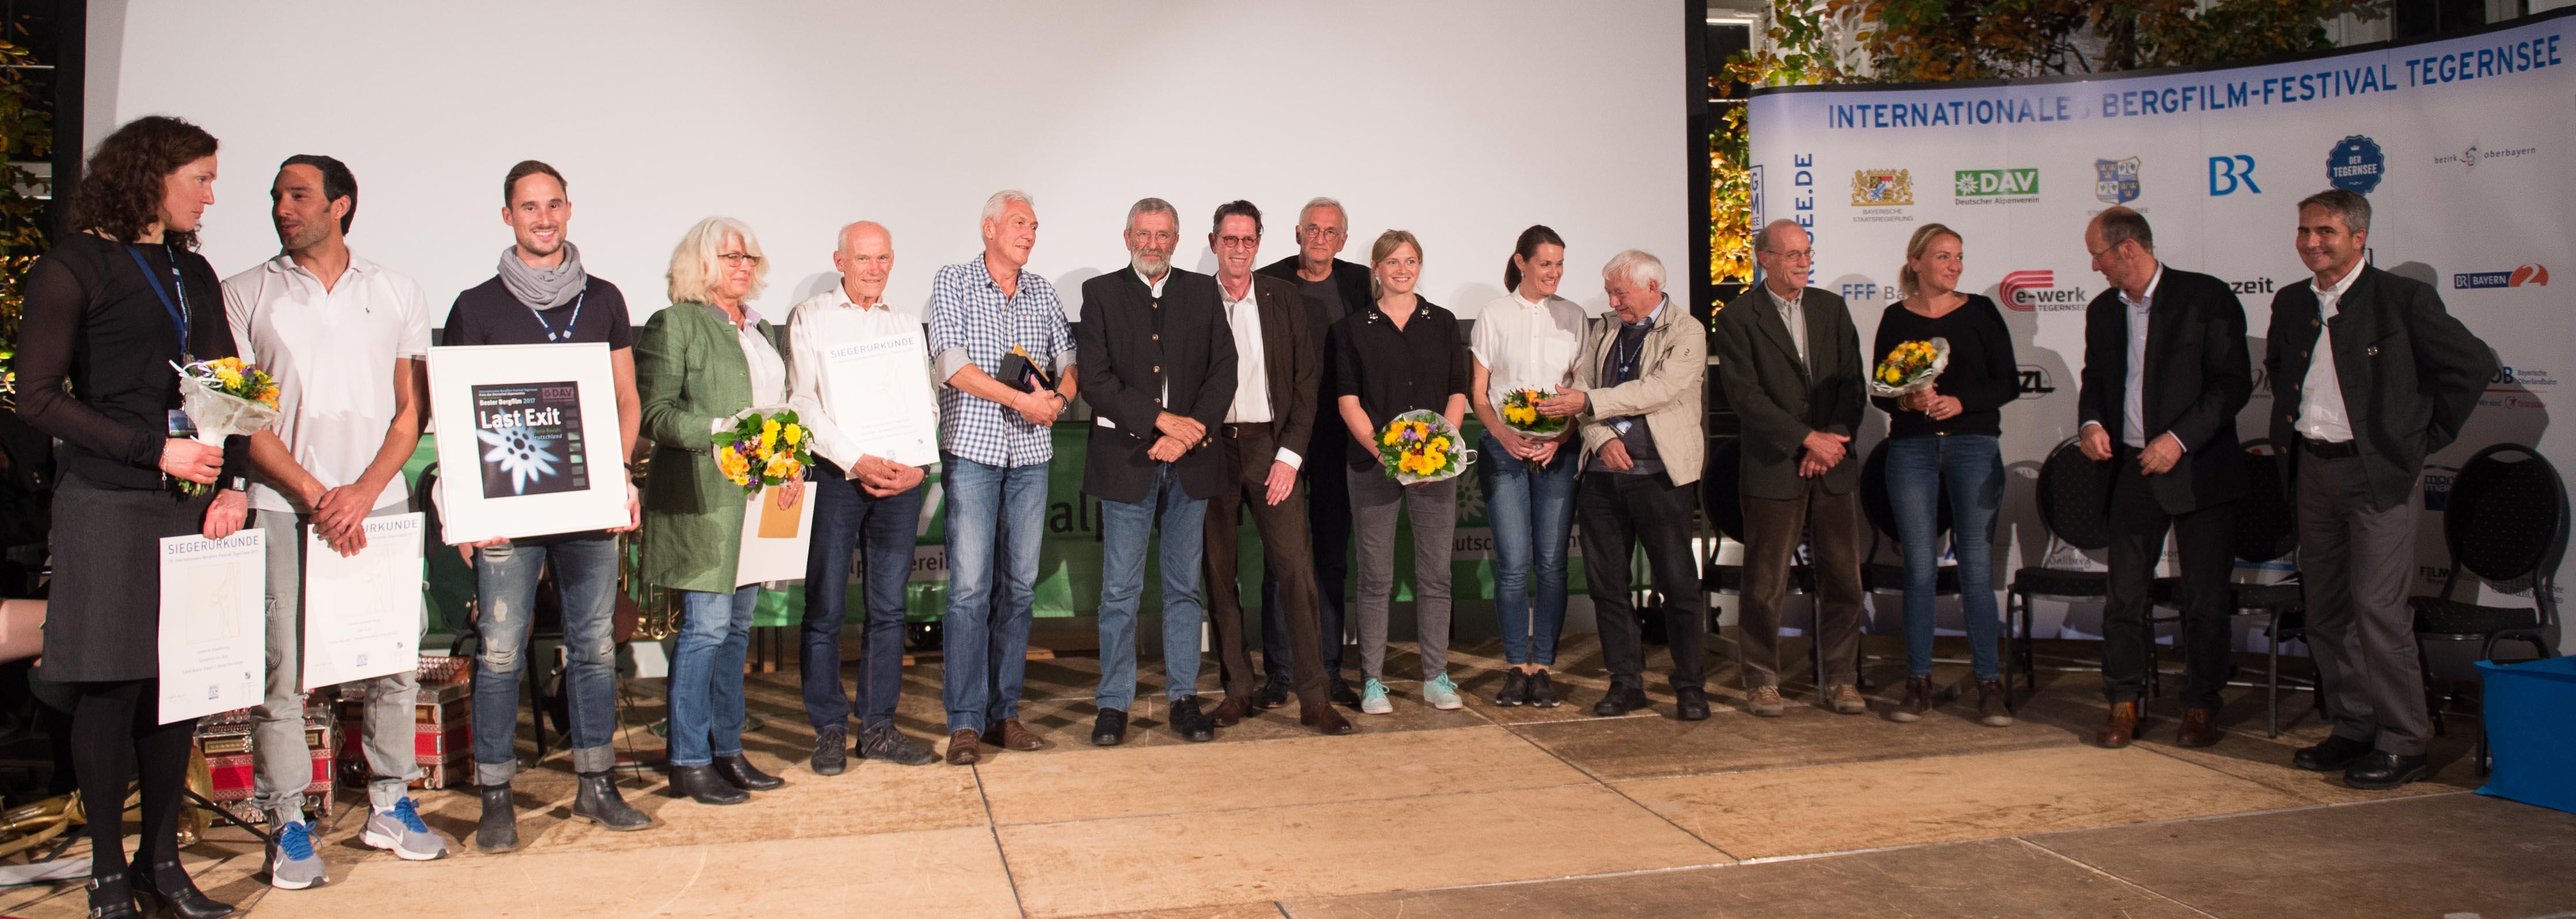 Bergfilmfestival Tegernsee 2017 Siegerehrung Barocksaal; Gewinner und Jurymitglieder (Foto: Thomas Plettenberg)